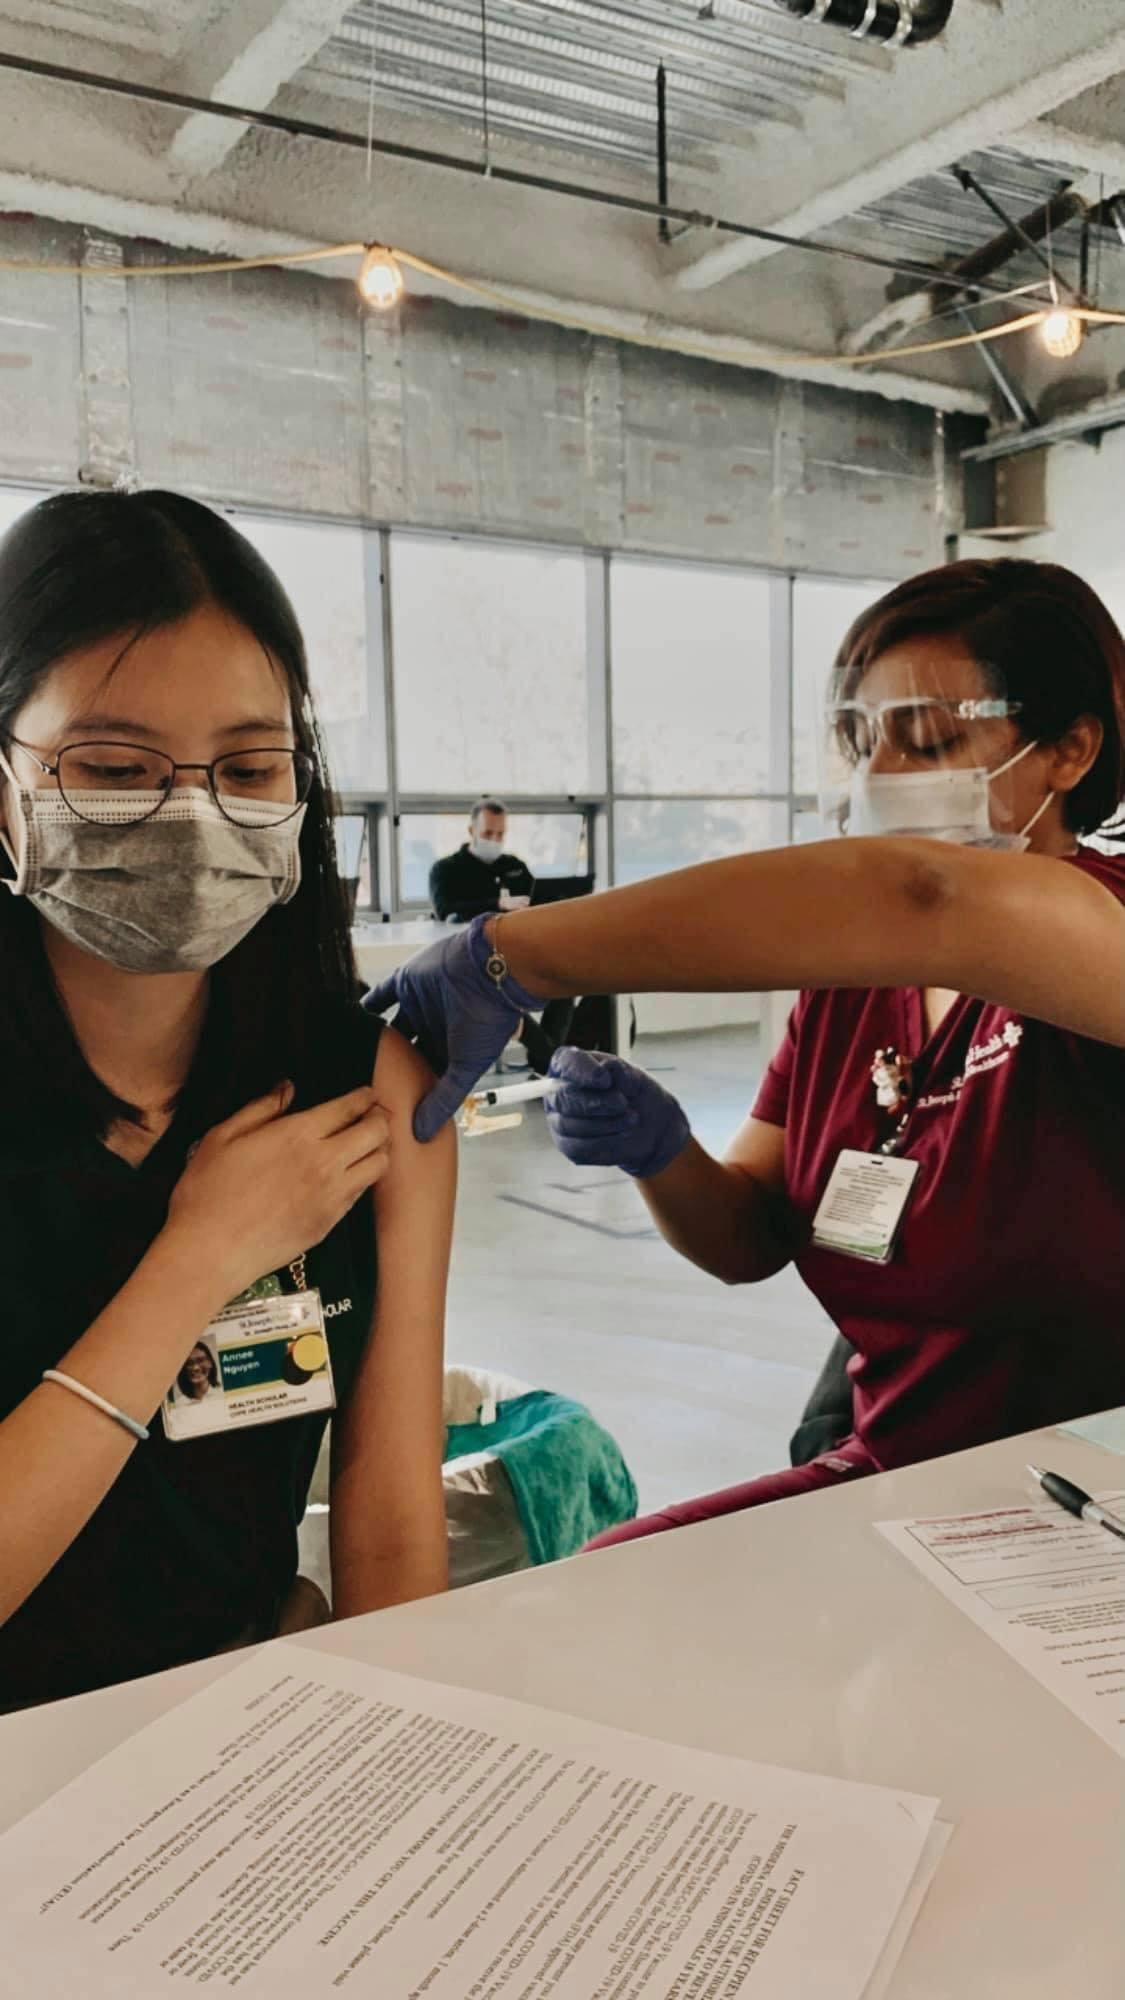 Du học sinh sẽ được tiêm vắc xin Covid-19 ? - ảnh 2